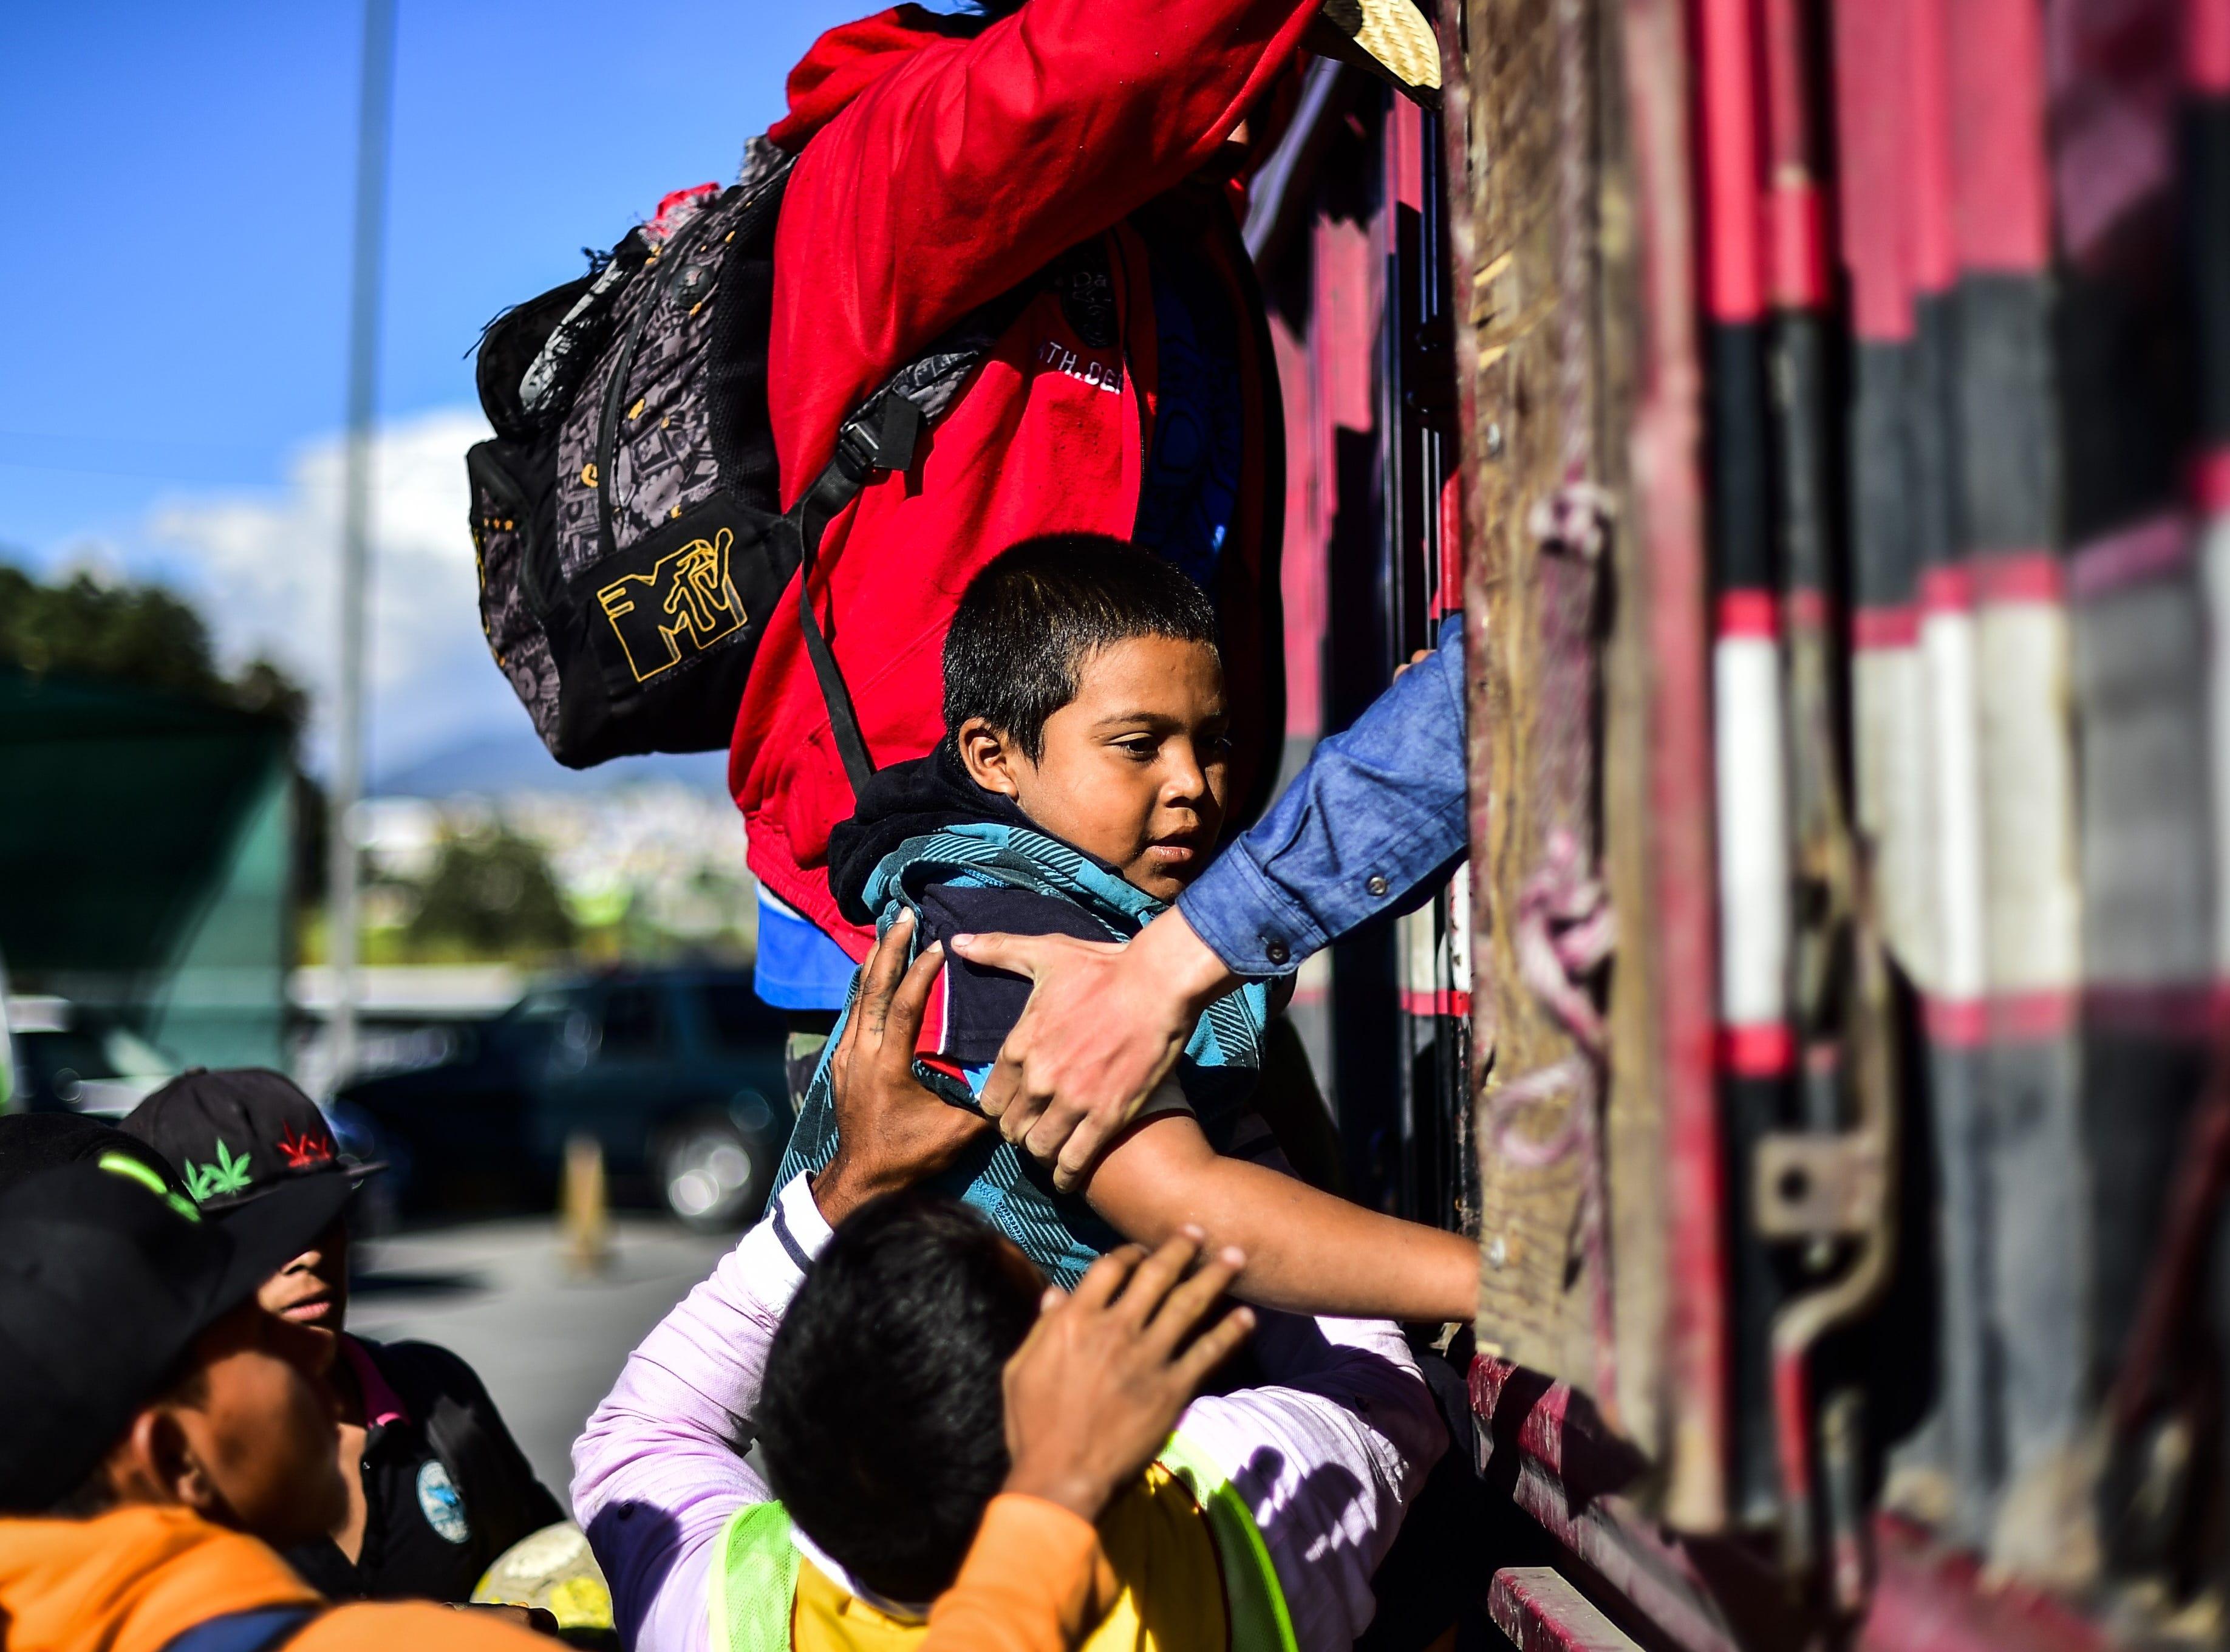 En vez de estar estudiando, o jugando con sus amiguitos de la cuadra, este pequeño niño hondureño intenta subirse  a un camión que lo acerque a él y su familia a Estados Unidos. Estos son los rostros de los migrantes centroamericanos que huyen de la pobreza y violencia que se vive en sus países; y que por medio de una caravana caminan cientos de kilómetros cruzando ciudades, ríos, carreteras, bosques y fronteras, con el firme propósito de hacer realidad su sueño de llegar a los Estados Unidos.